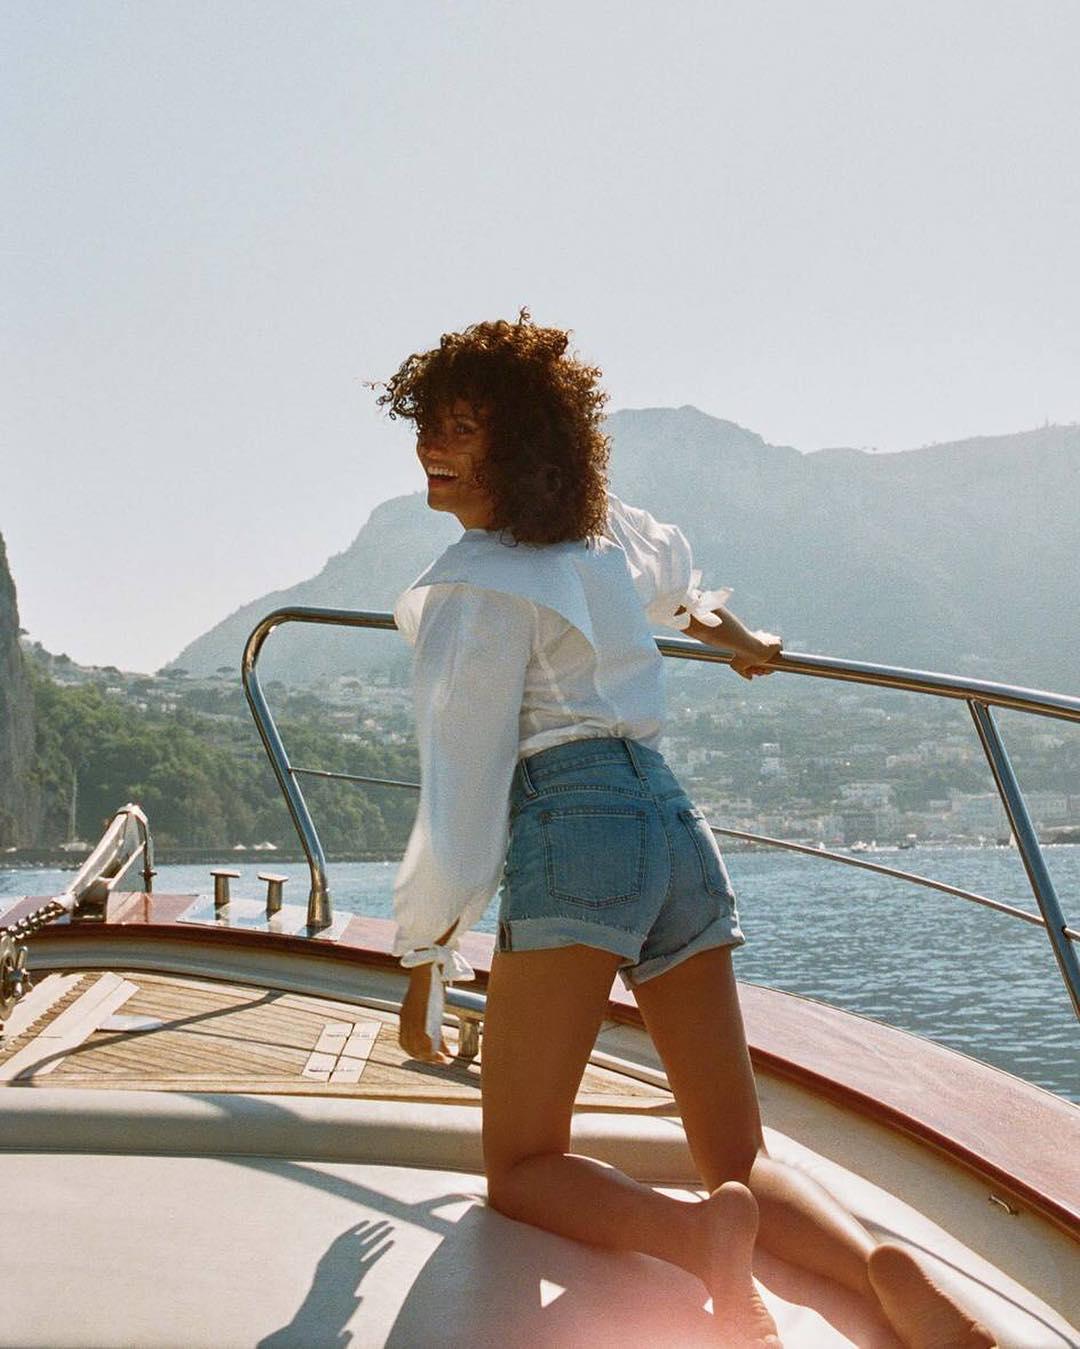 Tín đồ thời trang Pháp Melodie Vaxelaire mặc áo sơ mi trắng, quần shorts jeans